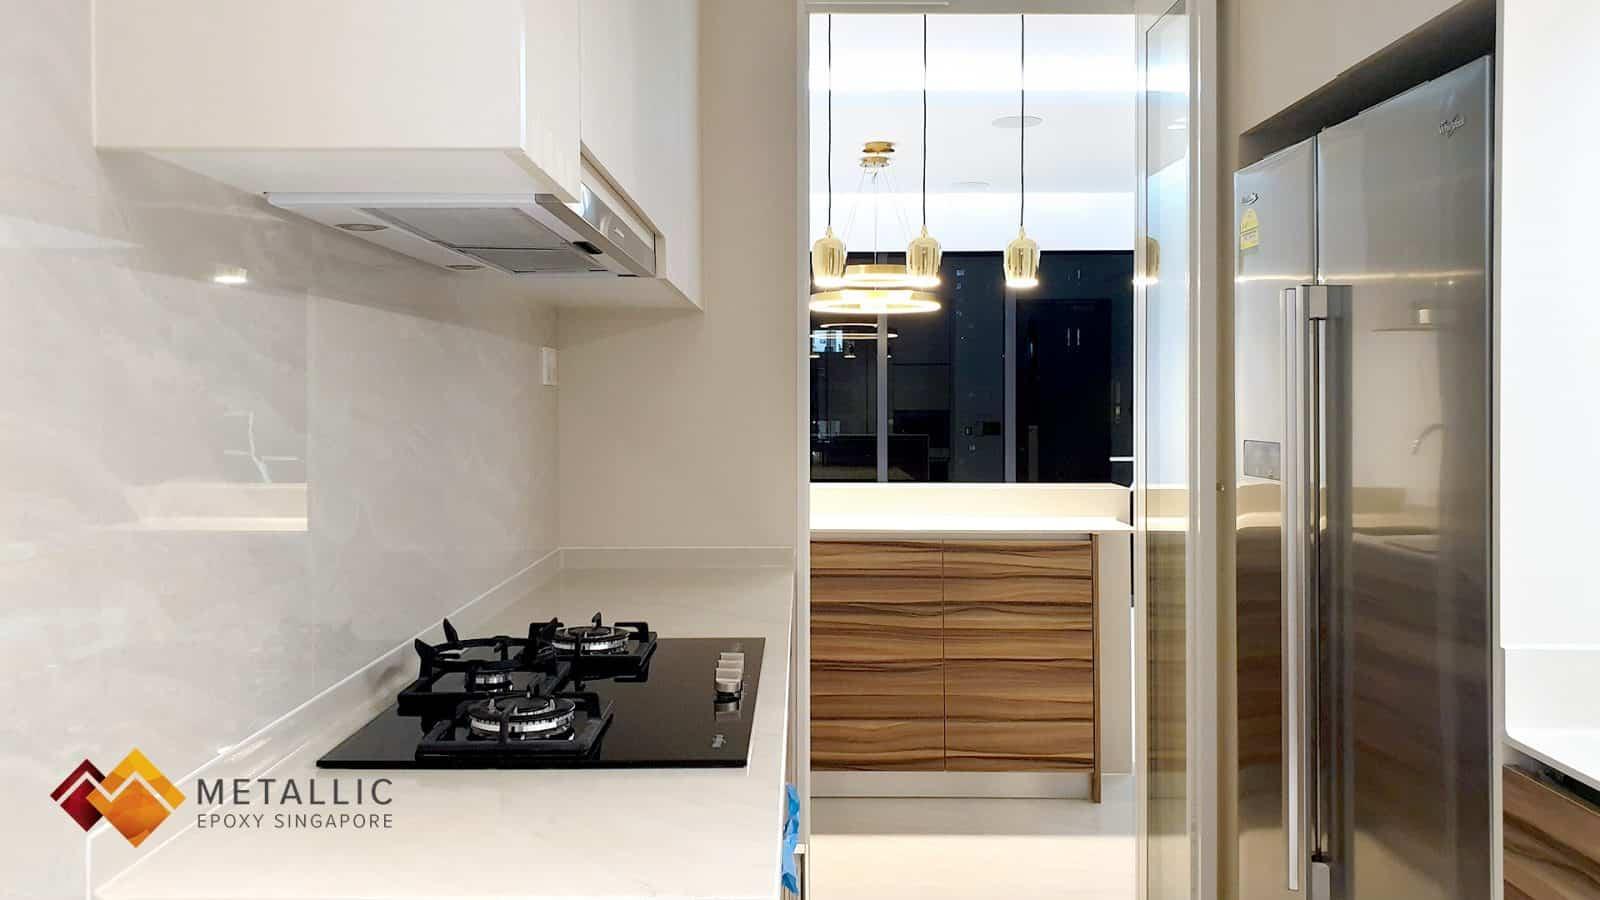 Light Khaki Orange Gold Metallic Epoxy Kitchen Countertop